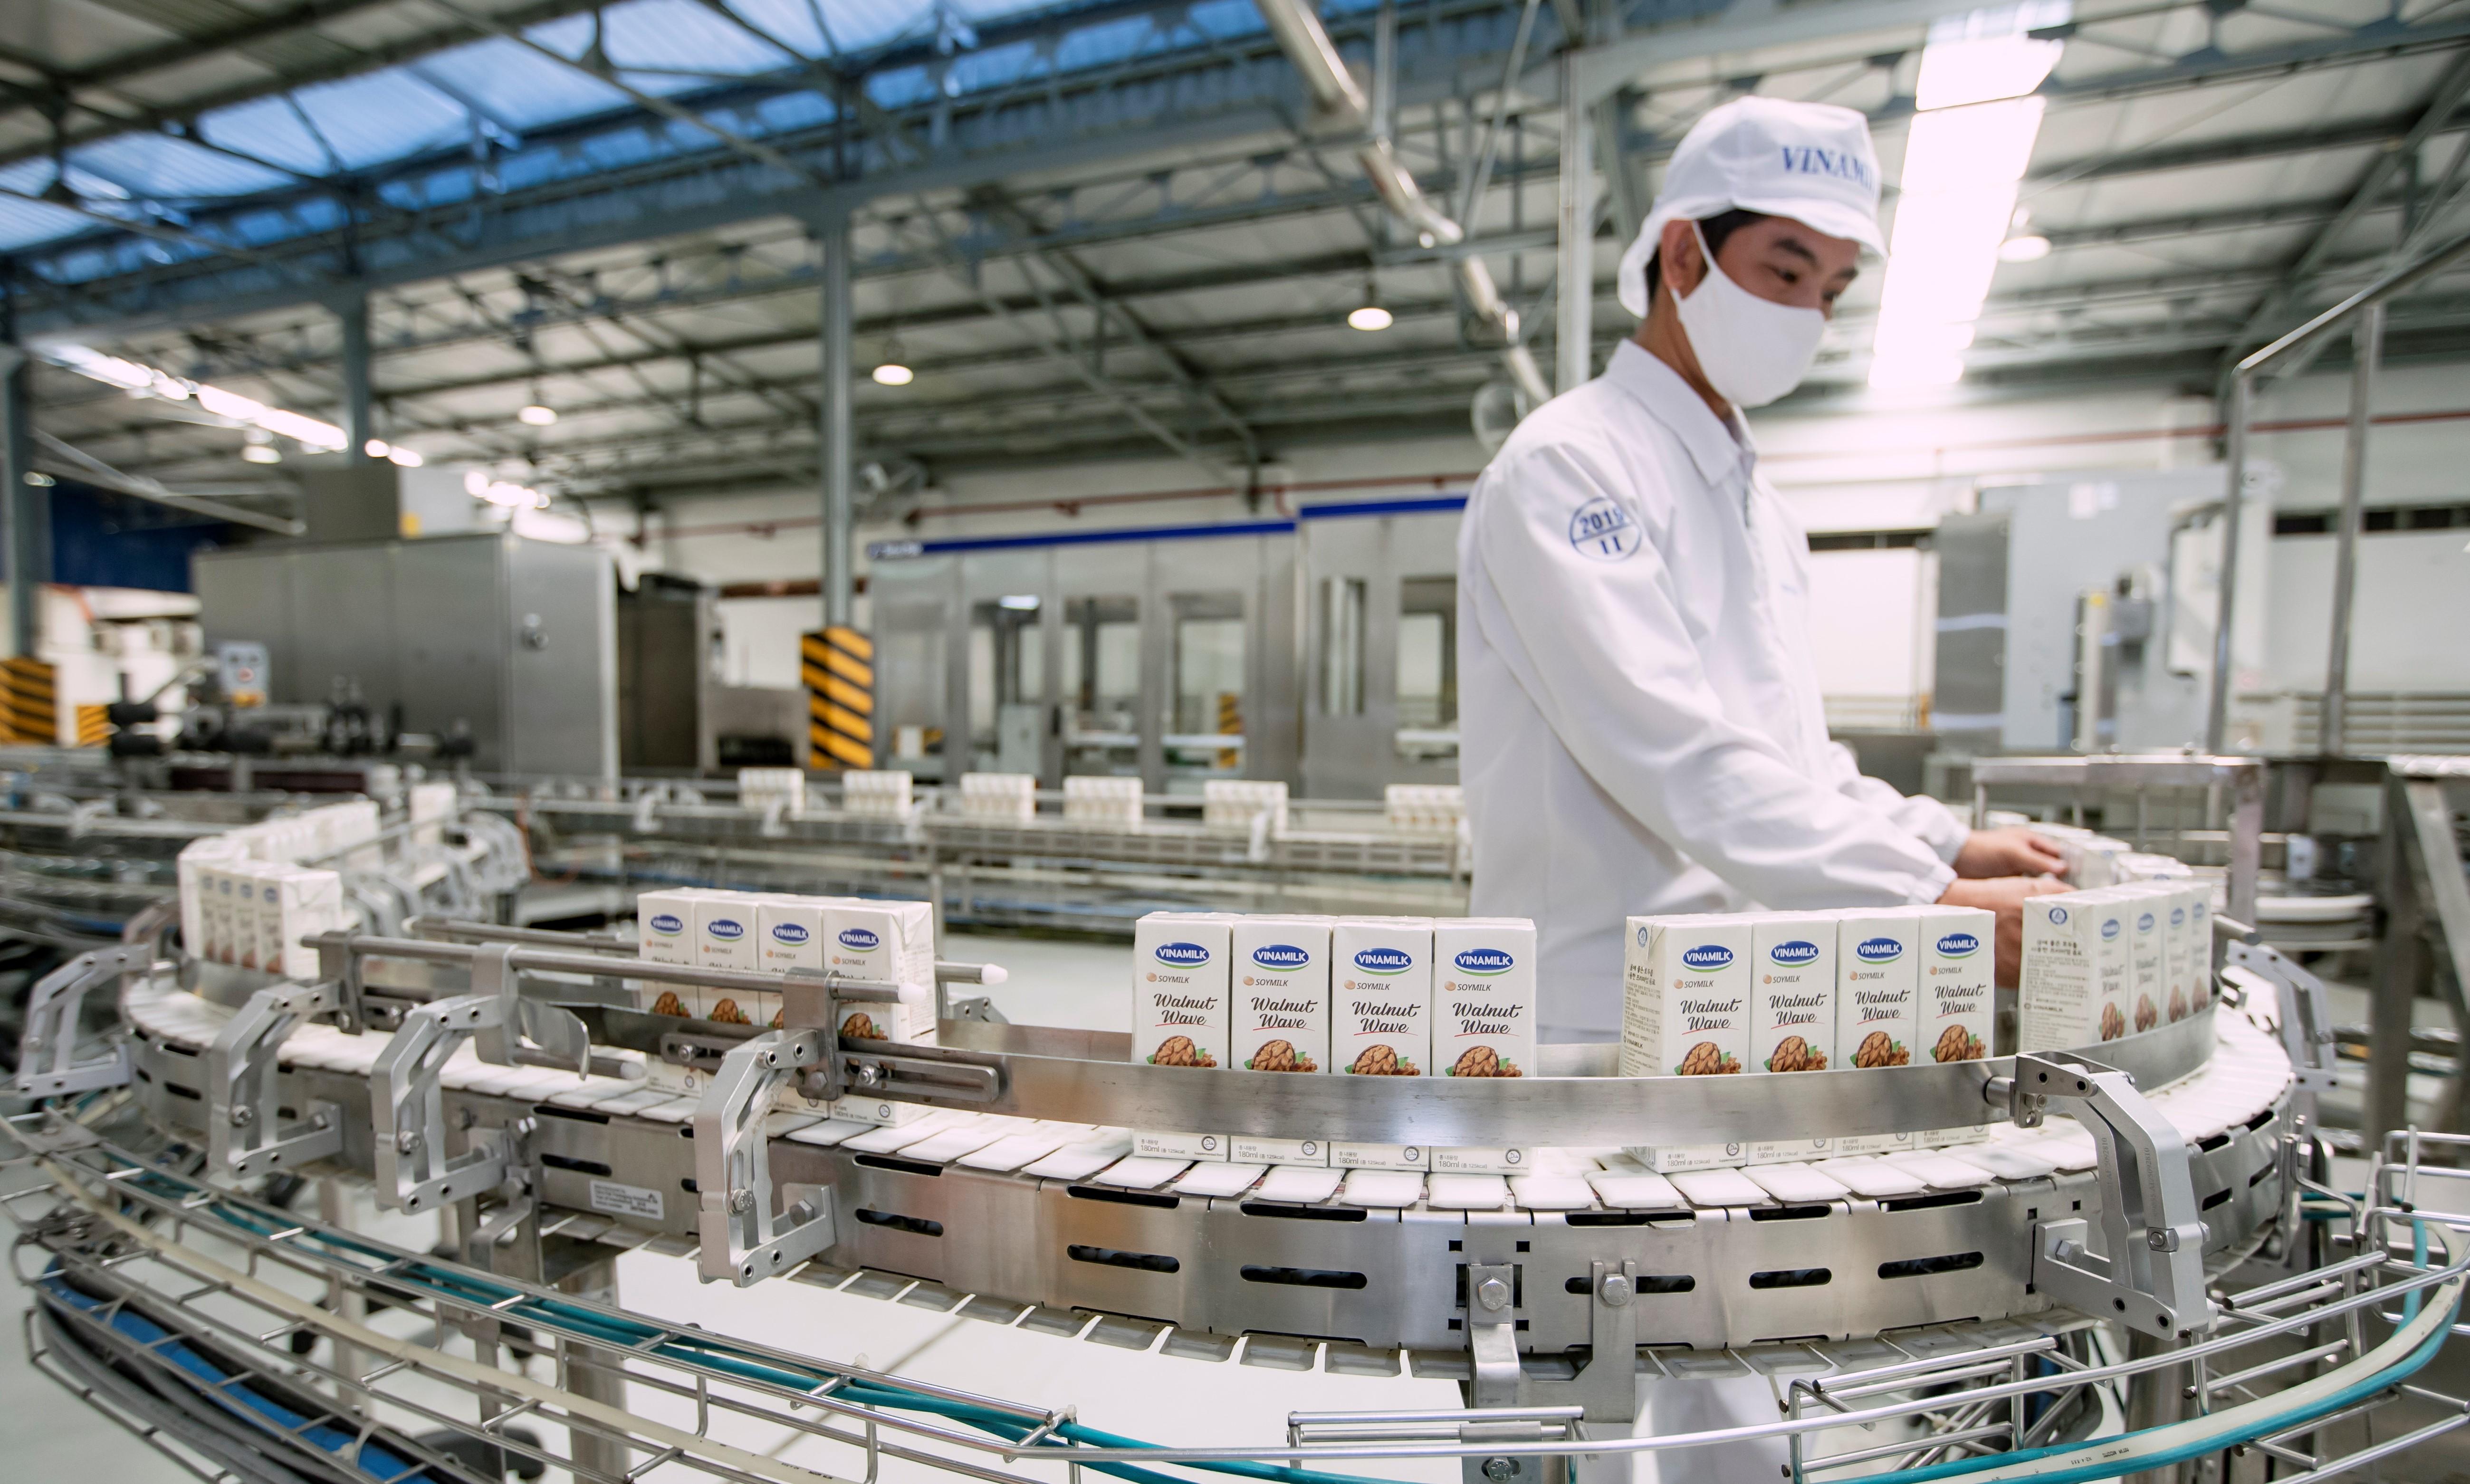 Với 13 nhà máy hiện đại, Vinamilk hiện có thể sản xuất hơn 28 triệu hộp sữa nước mỗi ngày - Ảnh 4